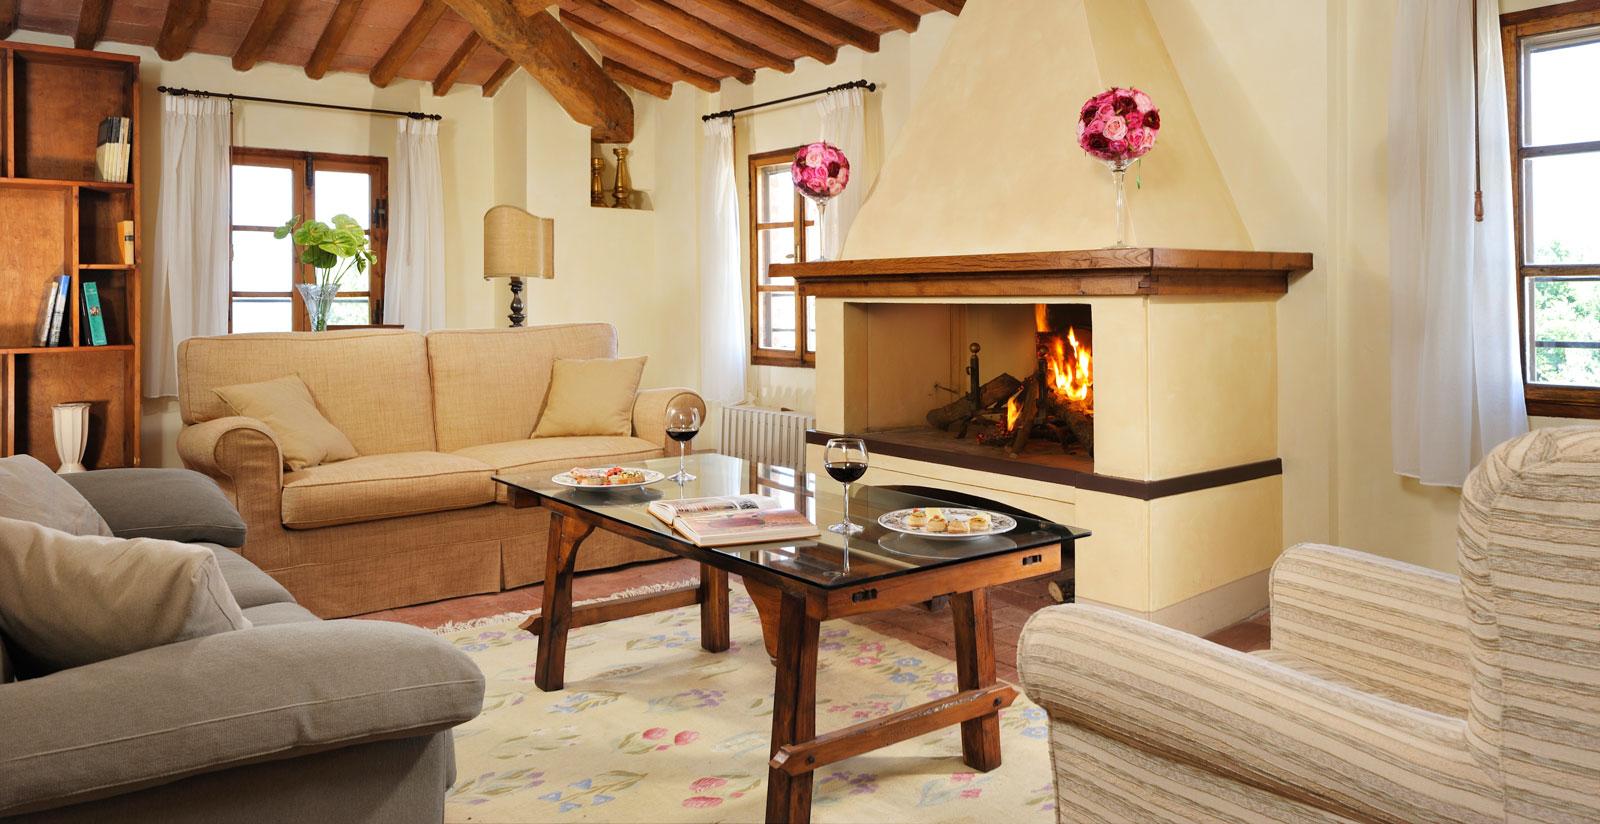 Matrimonio Country Chic Pisa : Pratello country resort historic estate near pisa nerohotels